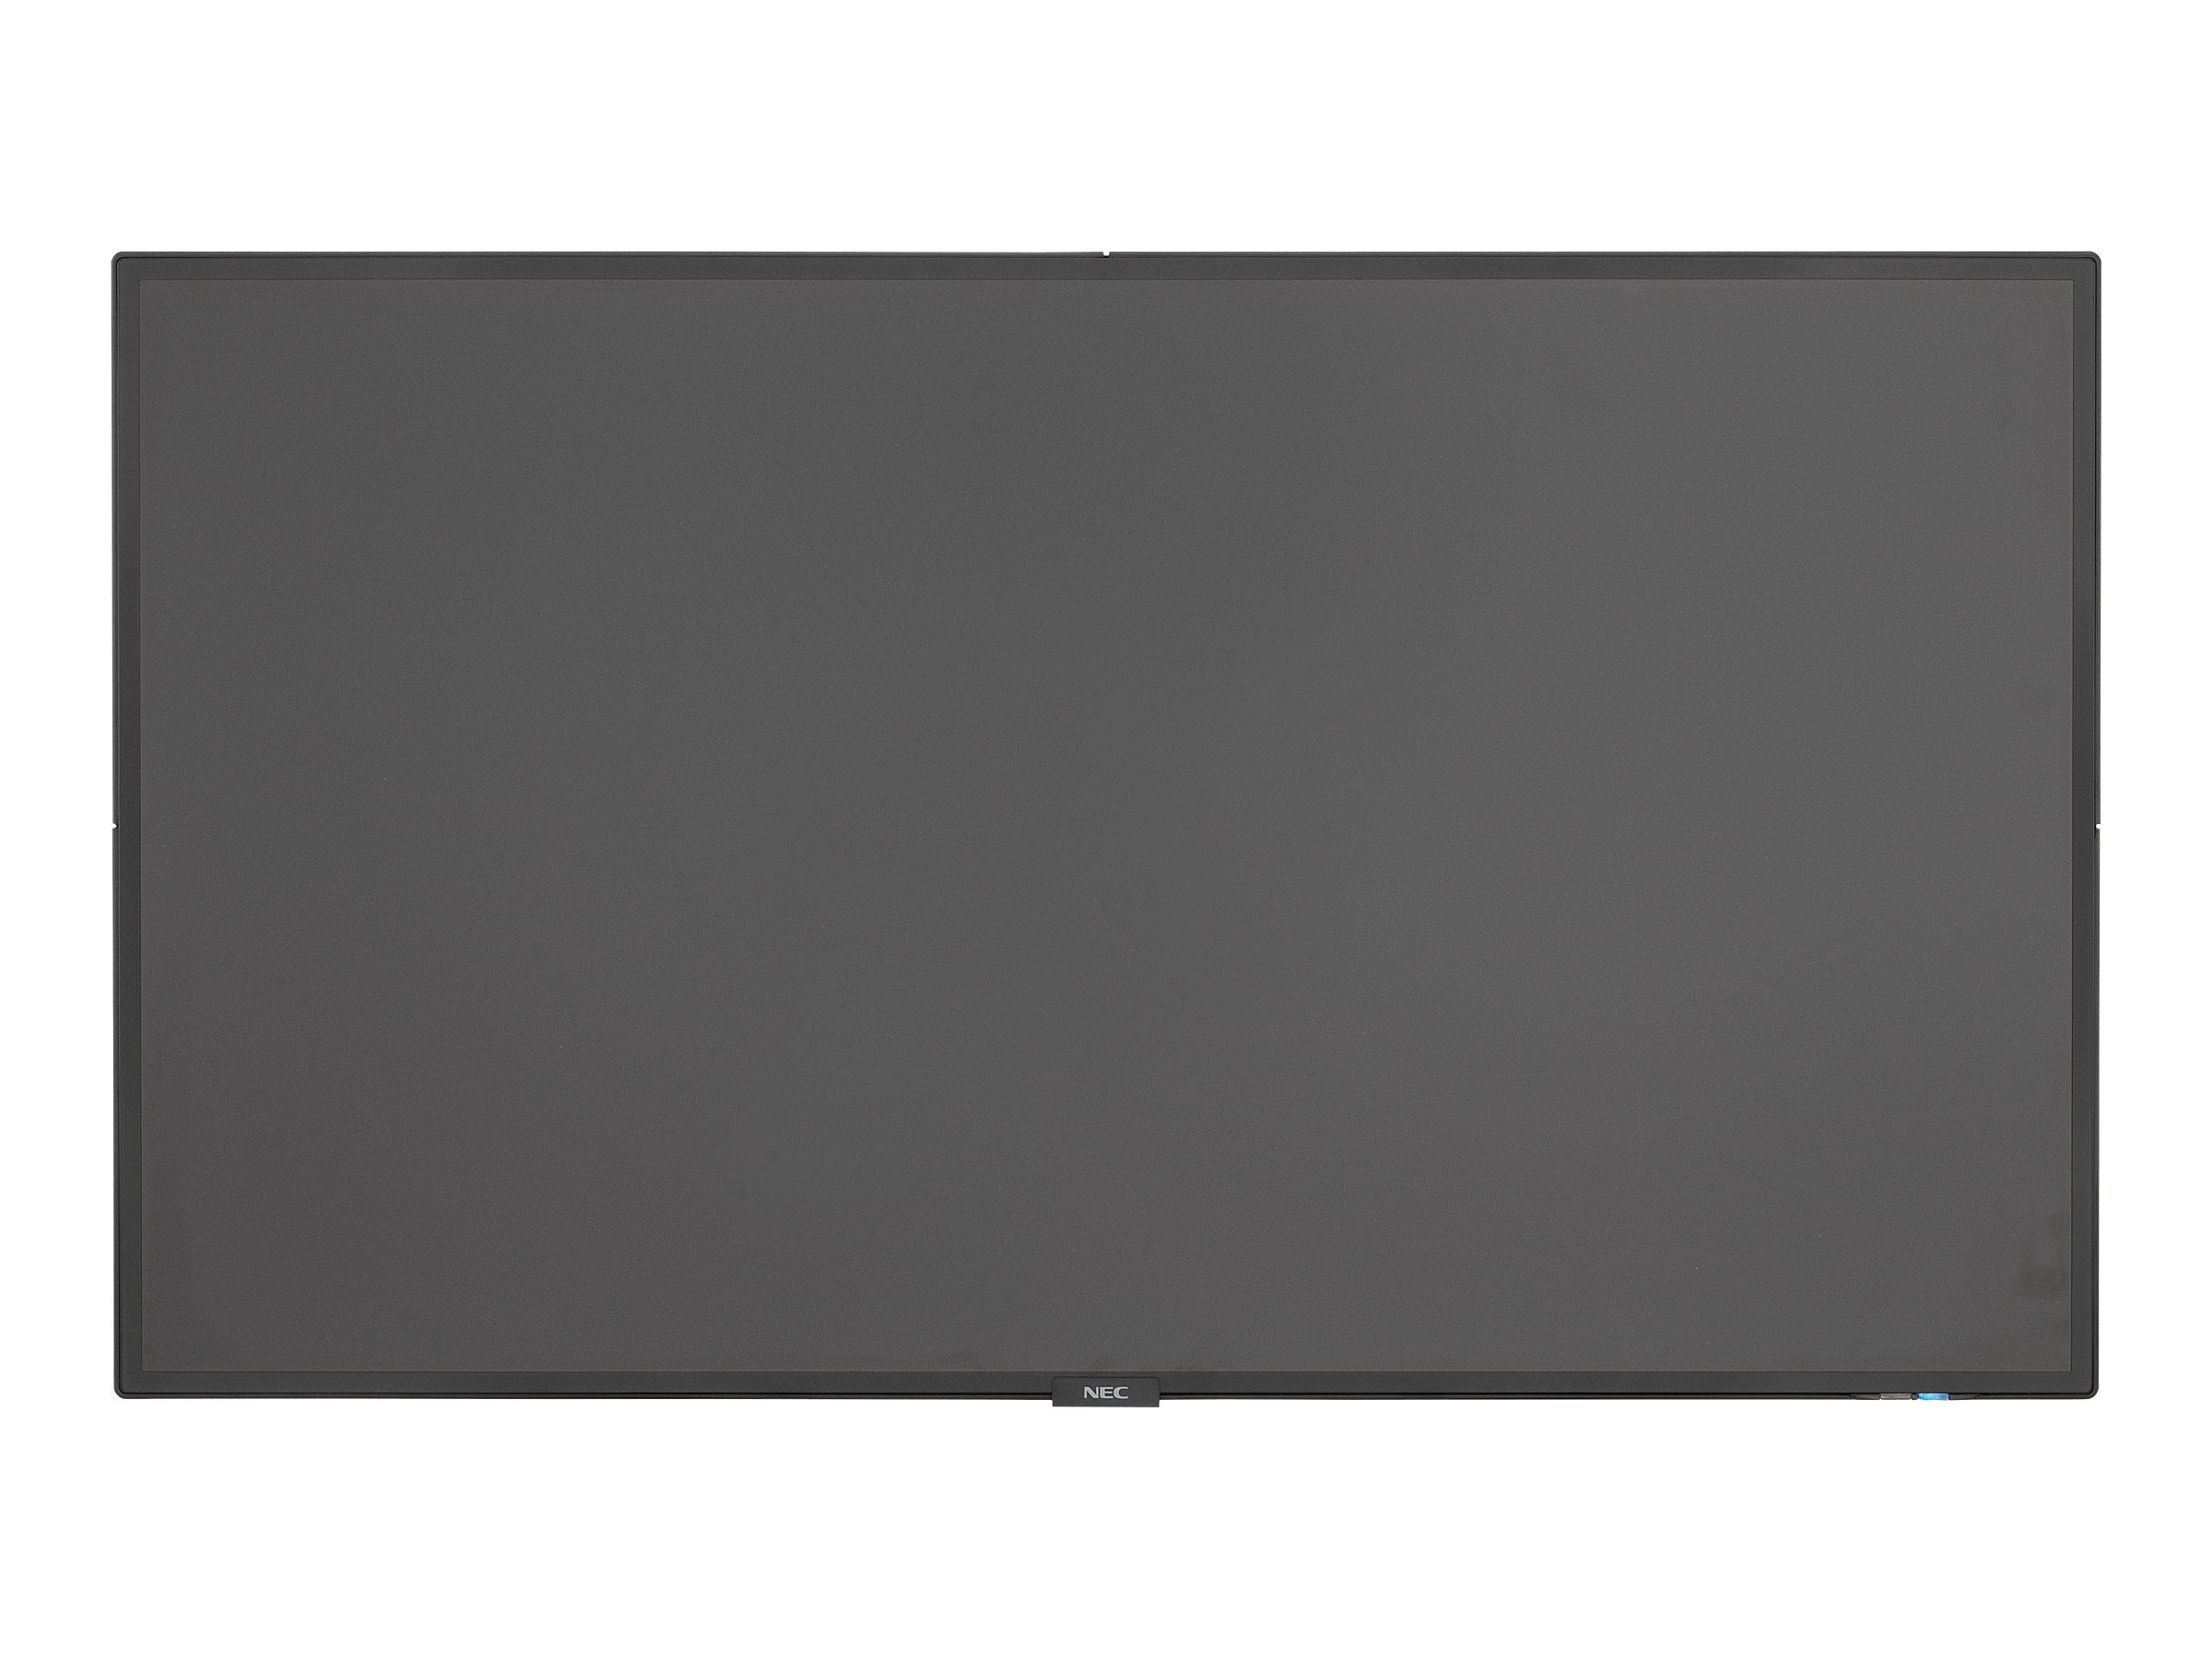 NEC MultiSync V404-RPi - 101.6 cm (40